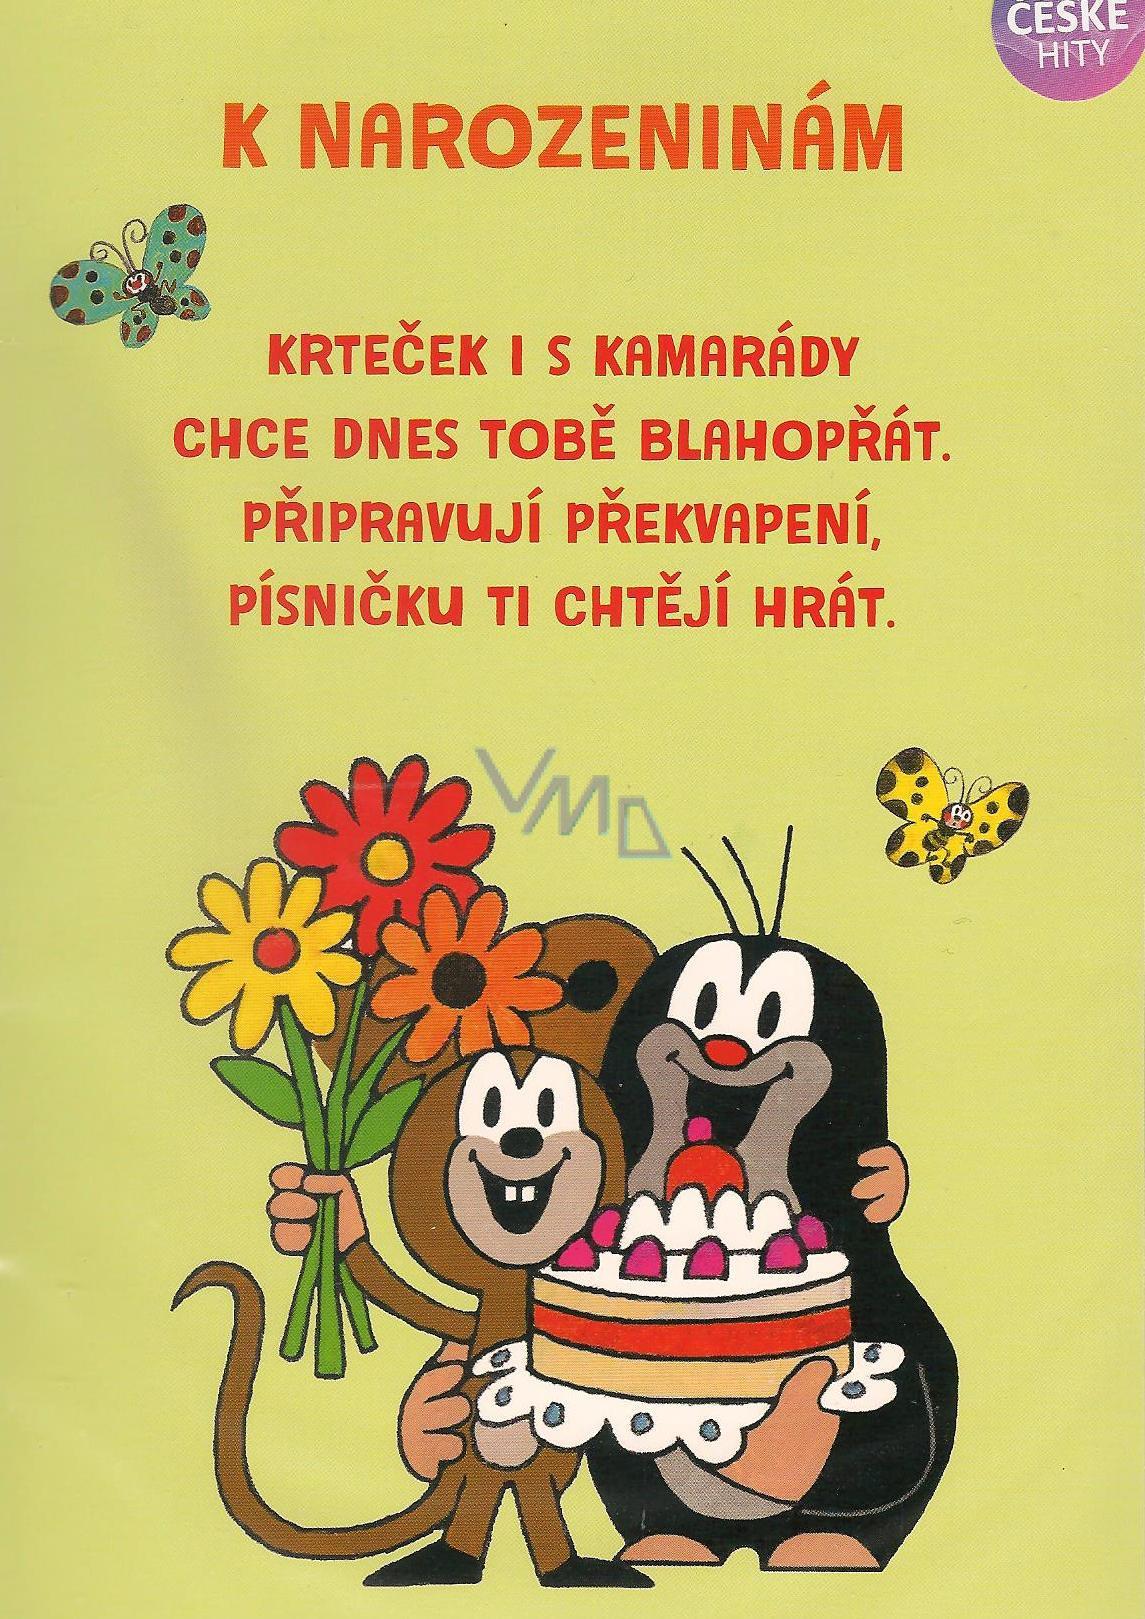 přání k 14 narozeninám Albi Hrací přání do obálky K narozeninám Krteček chystá překvapení  přání k 14 narozeninám